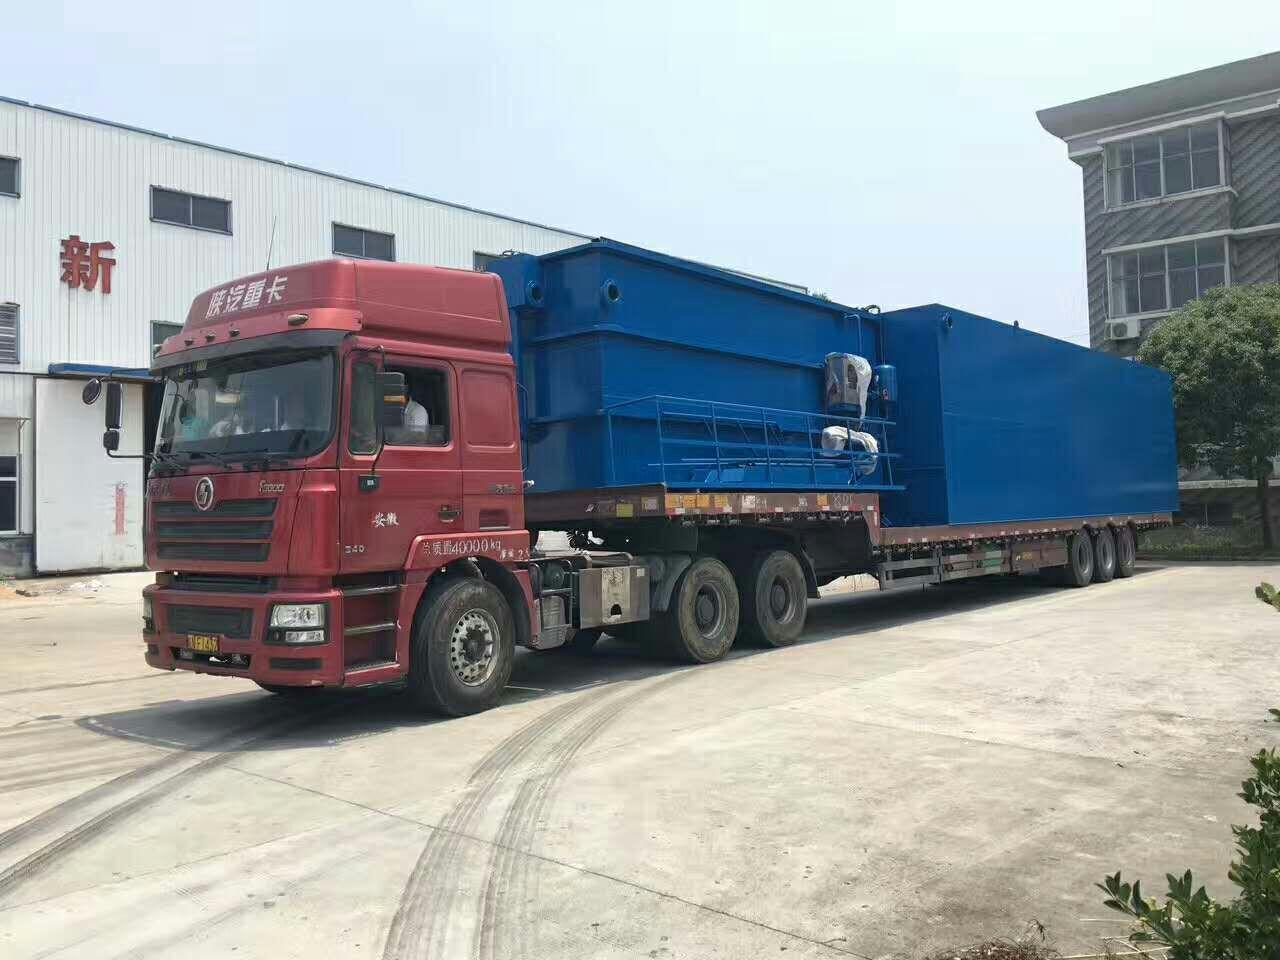 荣昌工业园区500吨必威官方网站